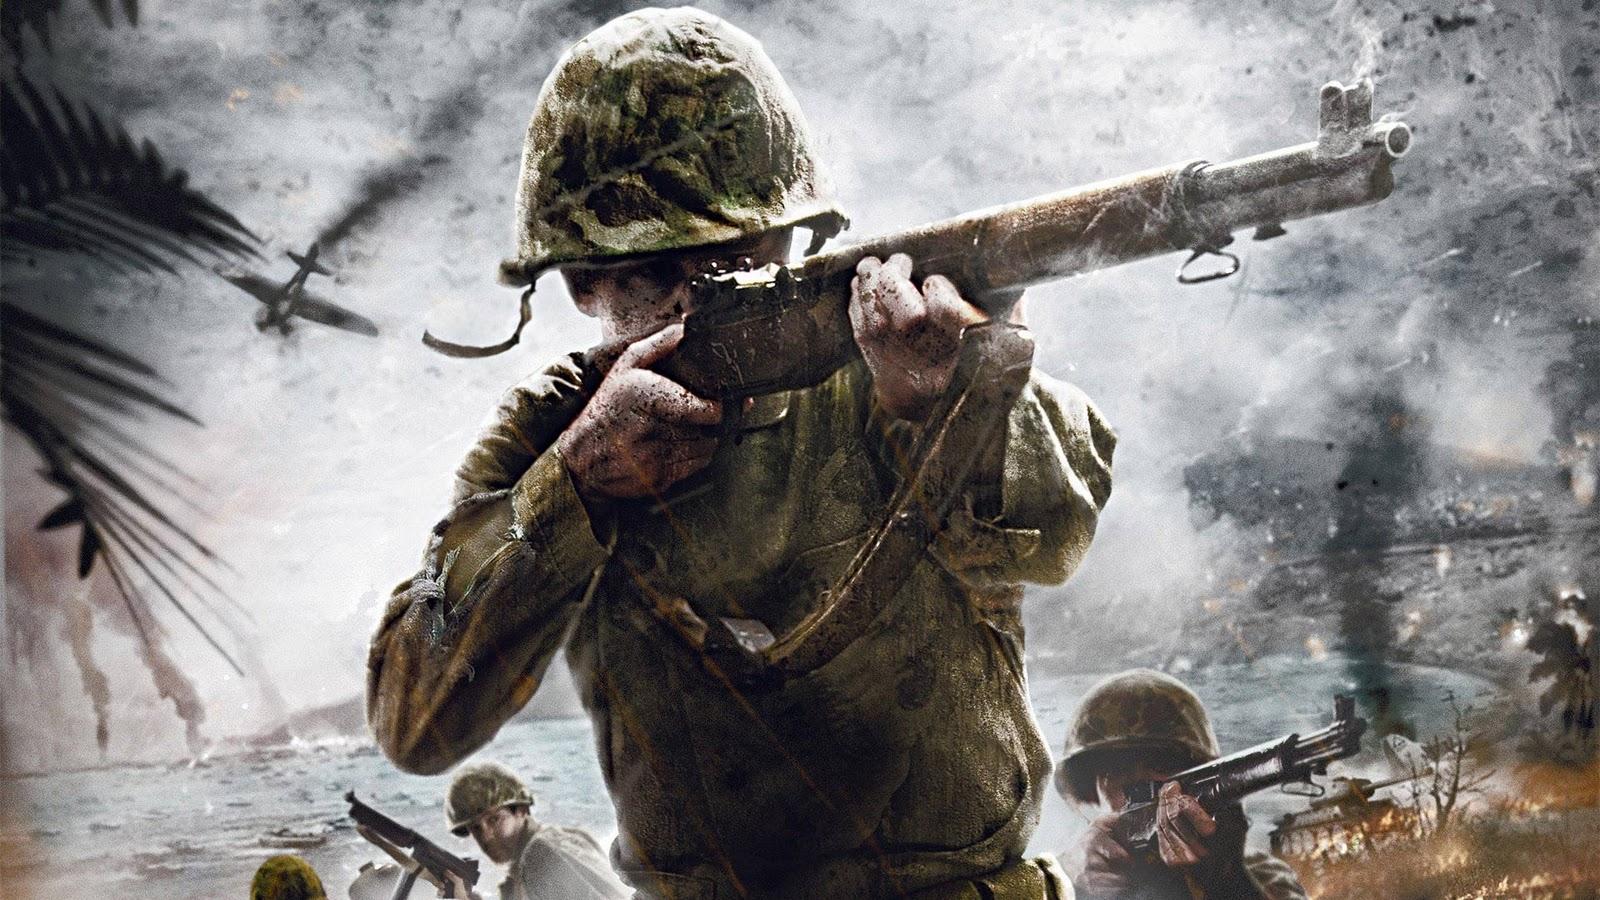 http://2.bp.blogspot.com/_2XOePUH7hMU/TS1RF5BGPWI/AAAAAAAAAHU/QIt8sYtYJhE/s1600/Modern_Warfare_2.jpg